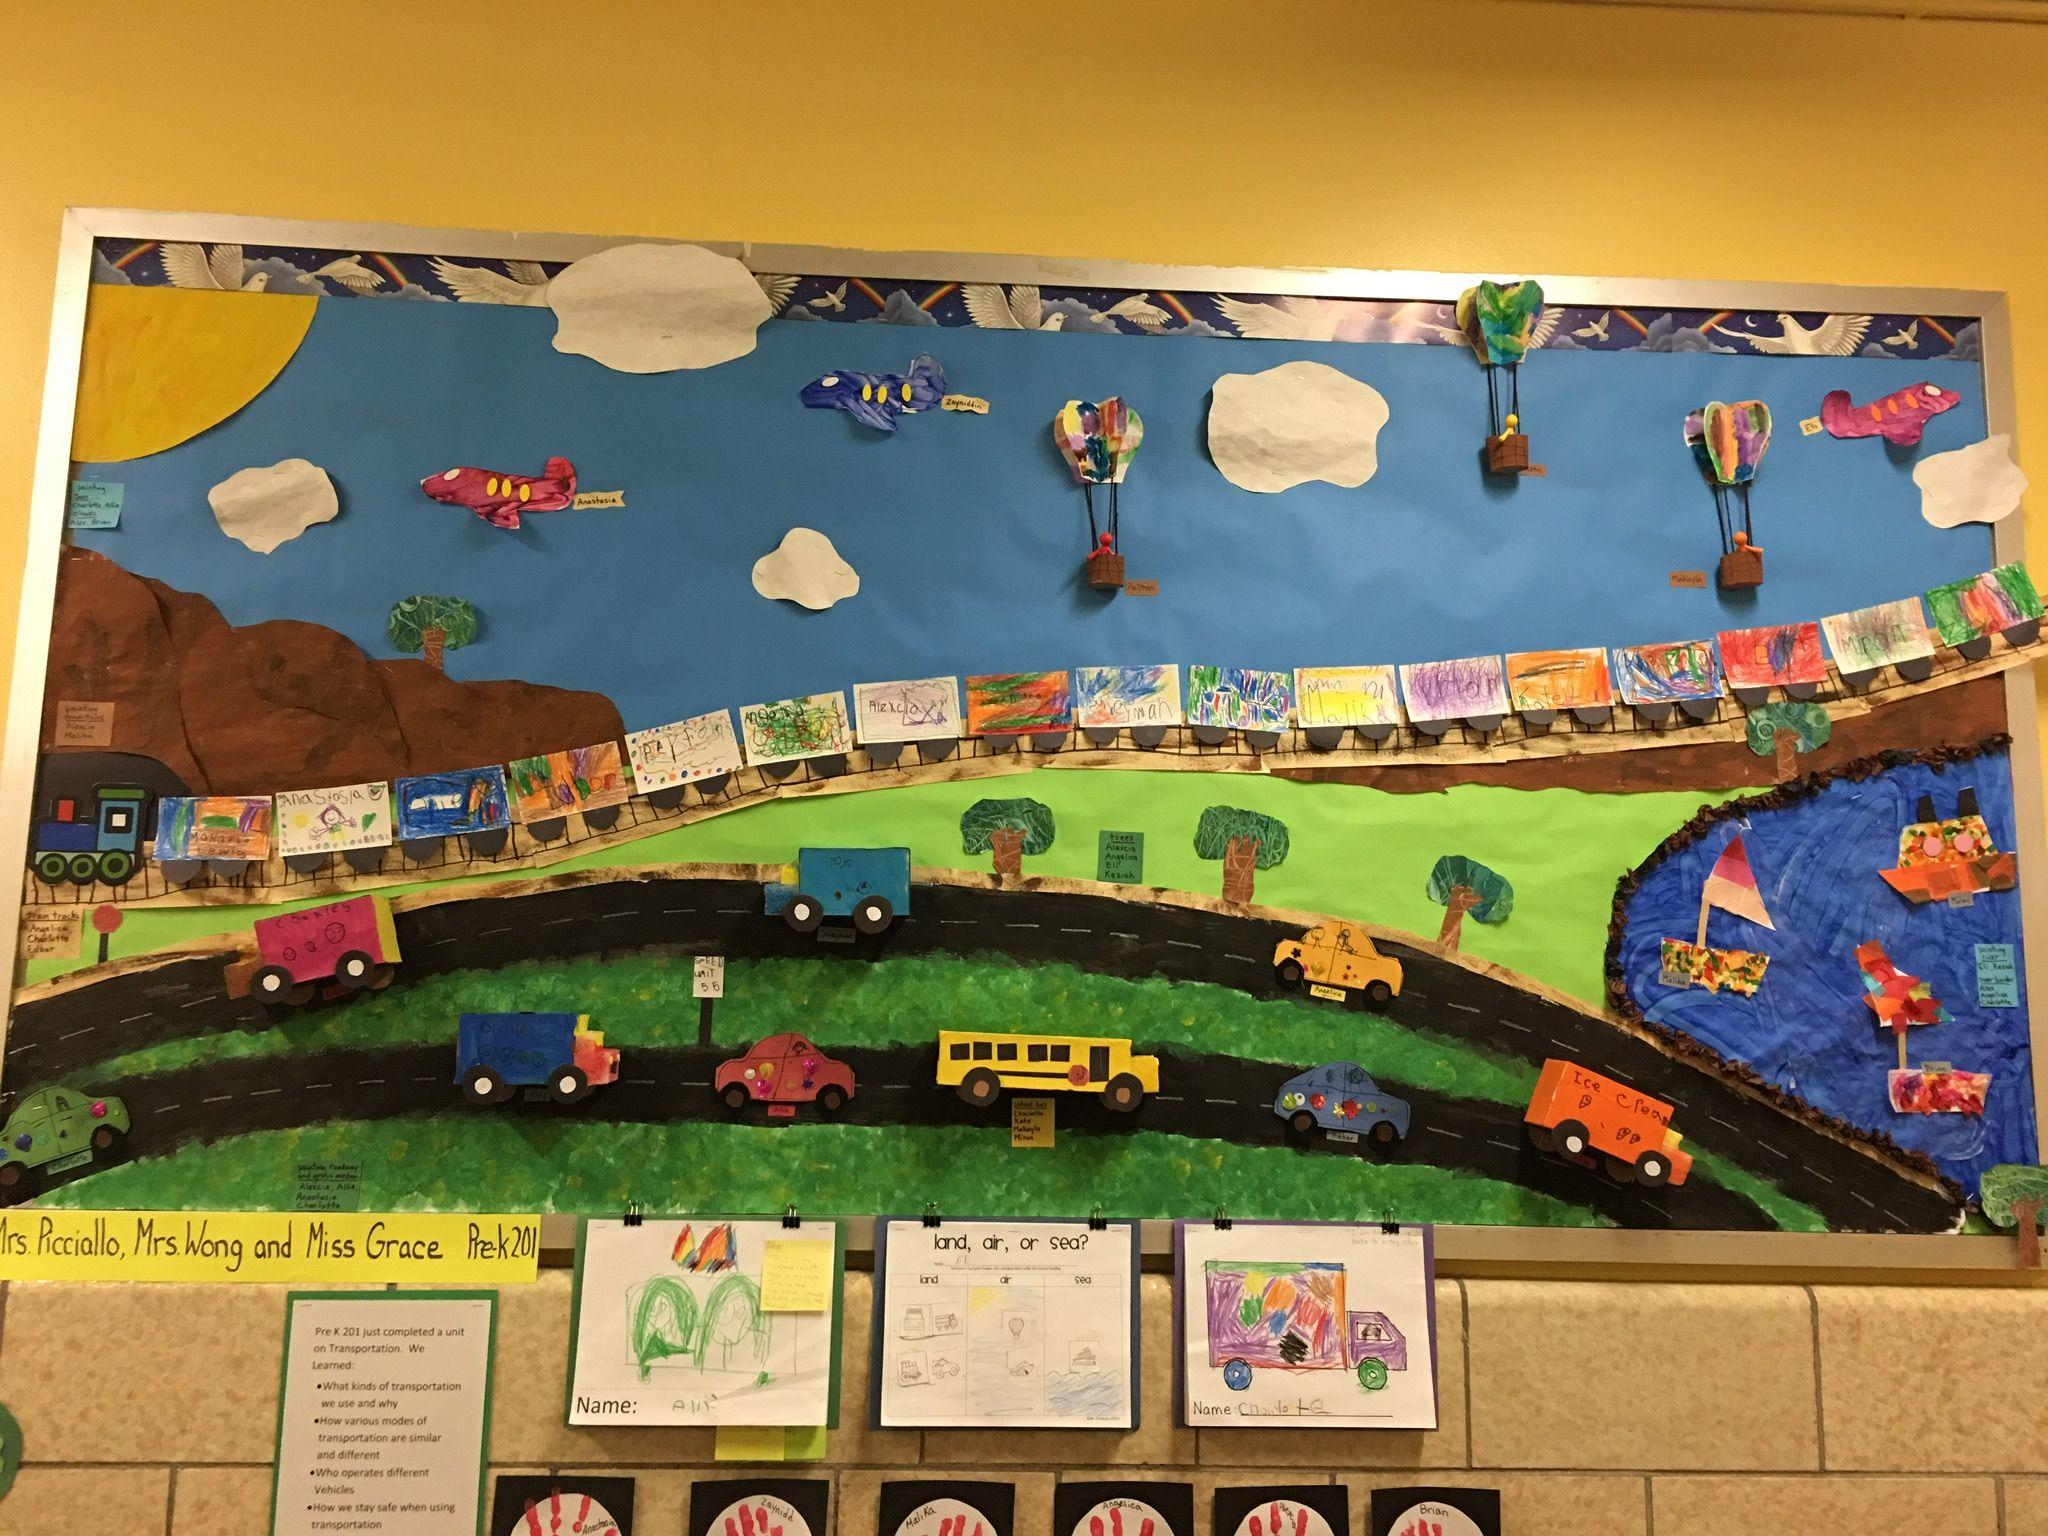 Gece Gunduz Escuela Preschool School Y School Decorations